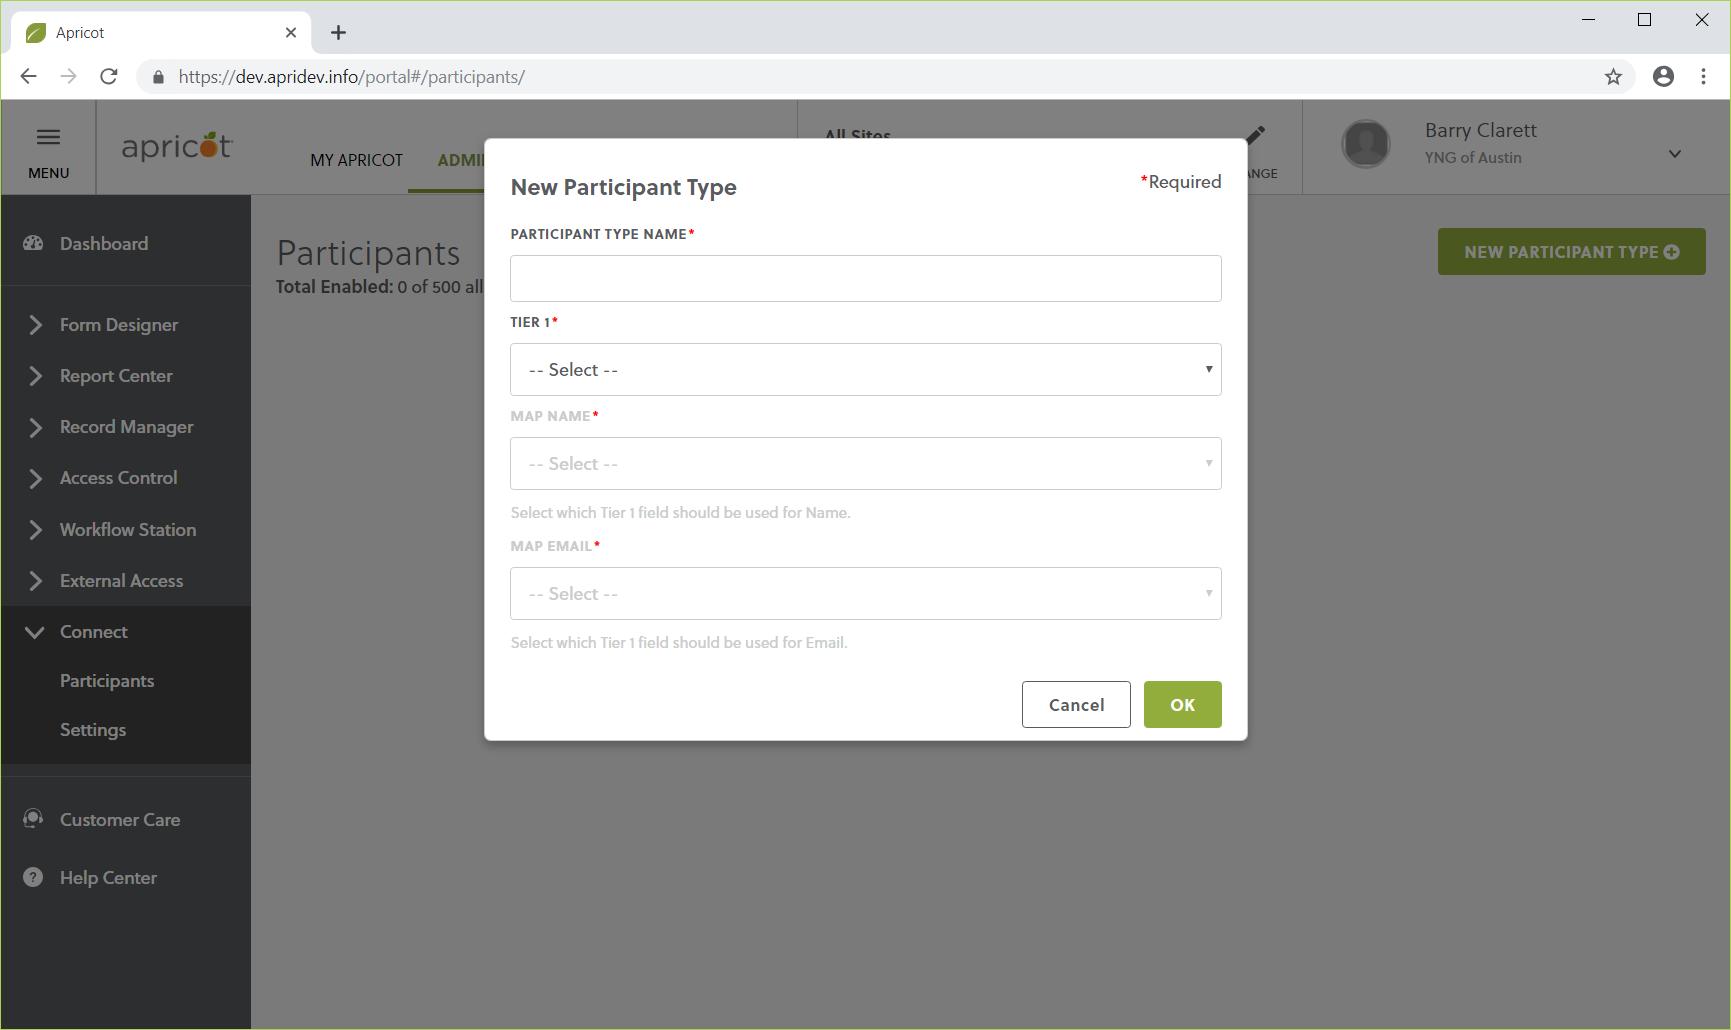 New Participant Screenshot